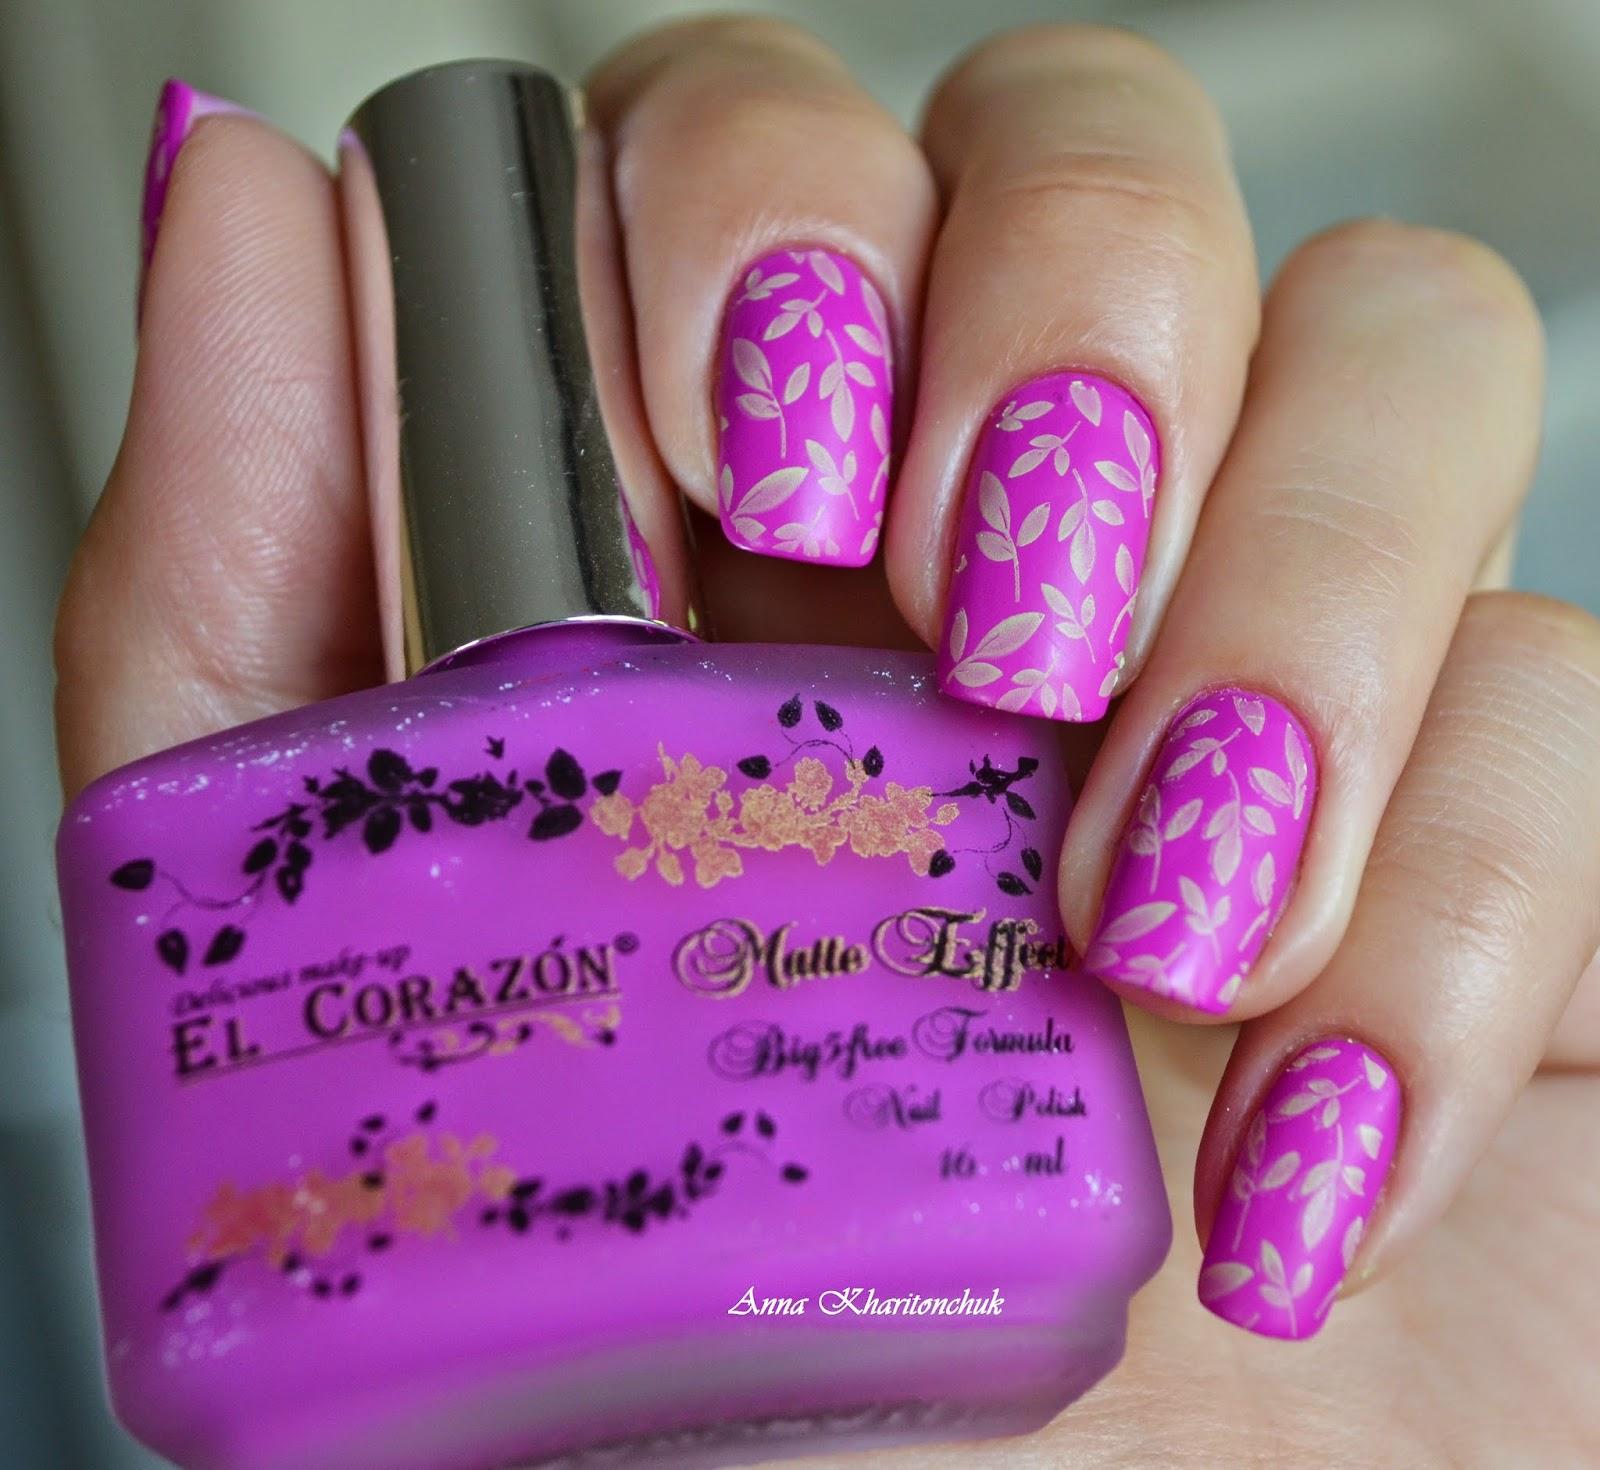 El Corazon Matte Effect 147-neon и стемпинг Lesly